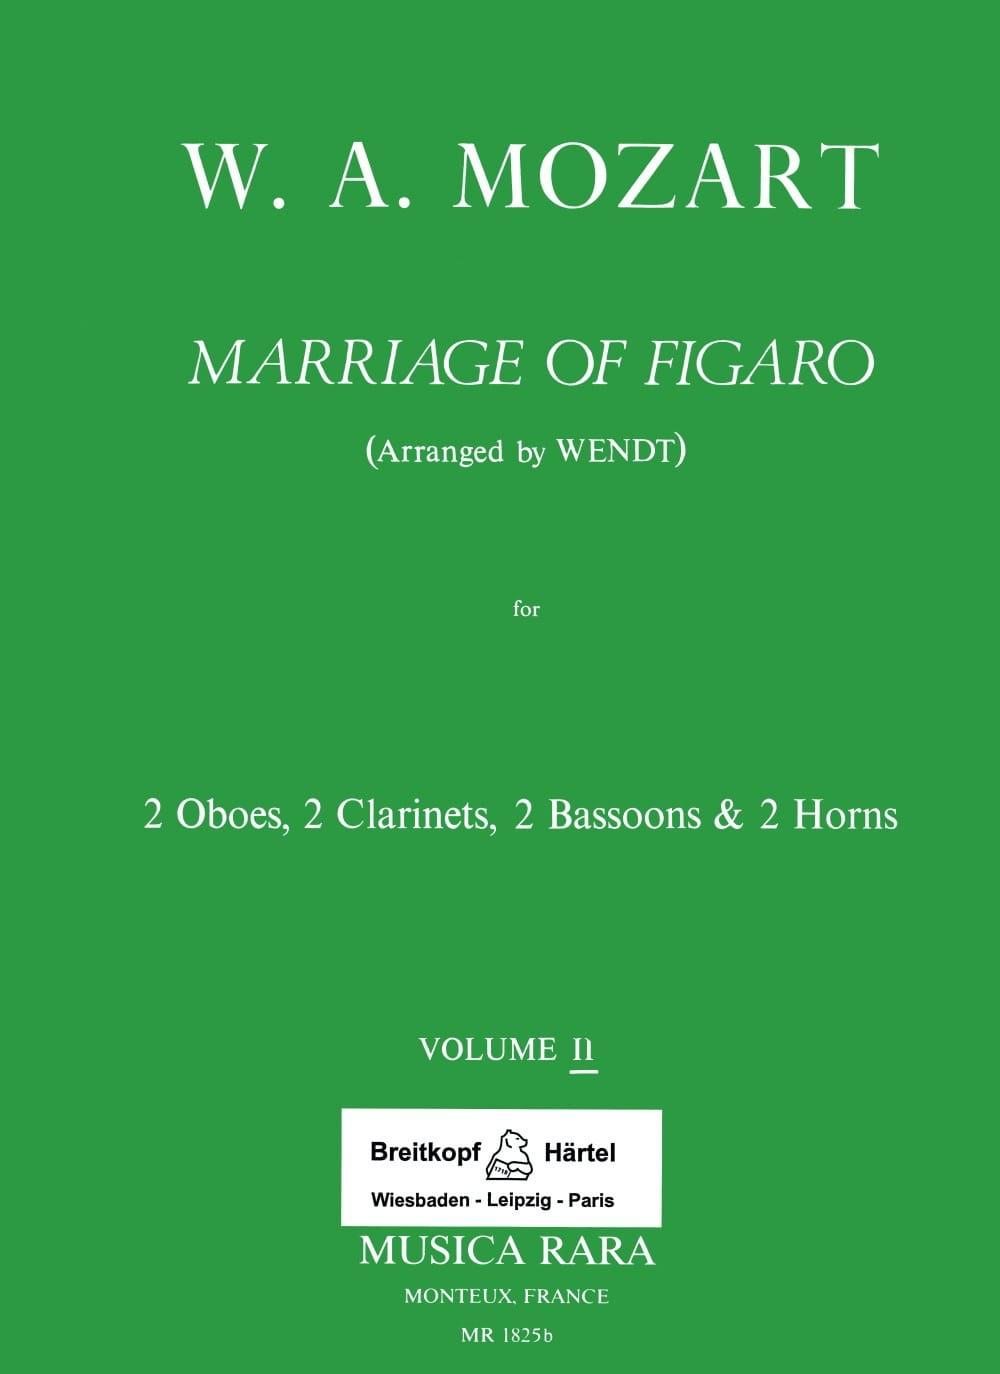 Le Nozze di Figaro Volume 2 -Harmoniemusik - Score + Parts - laflutedepan.com